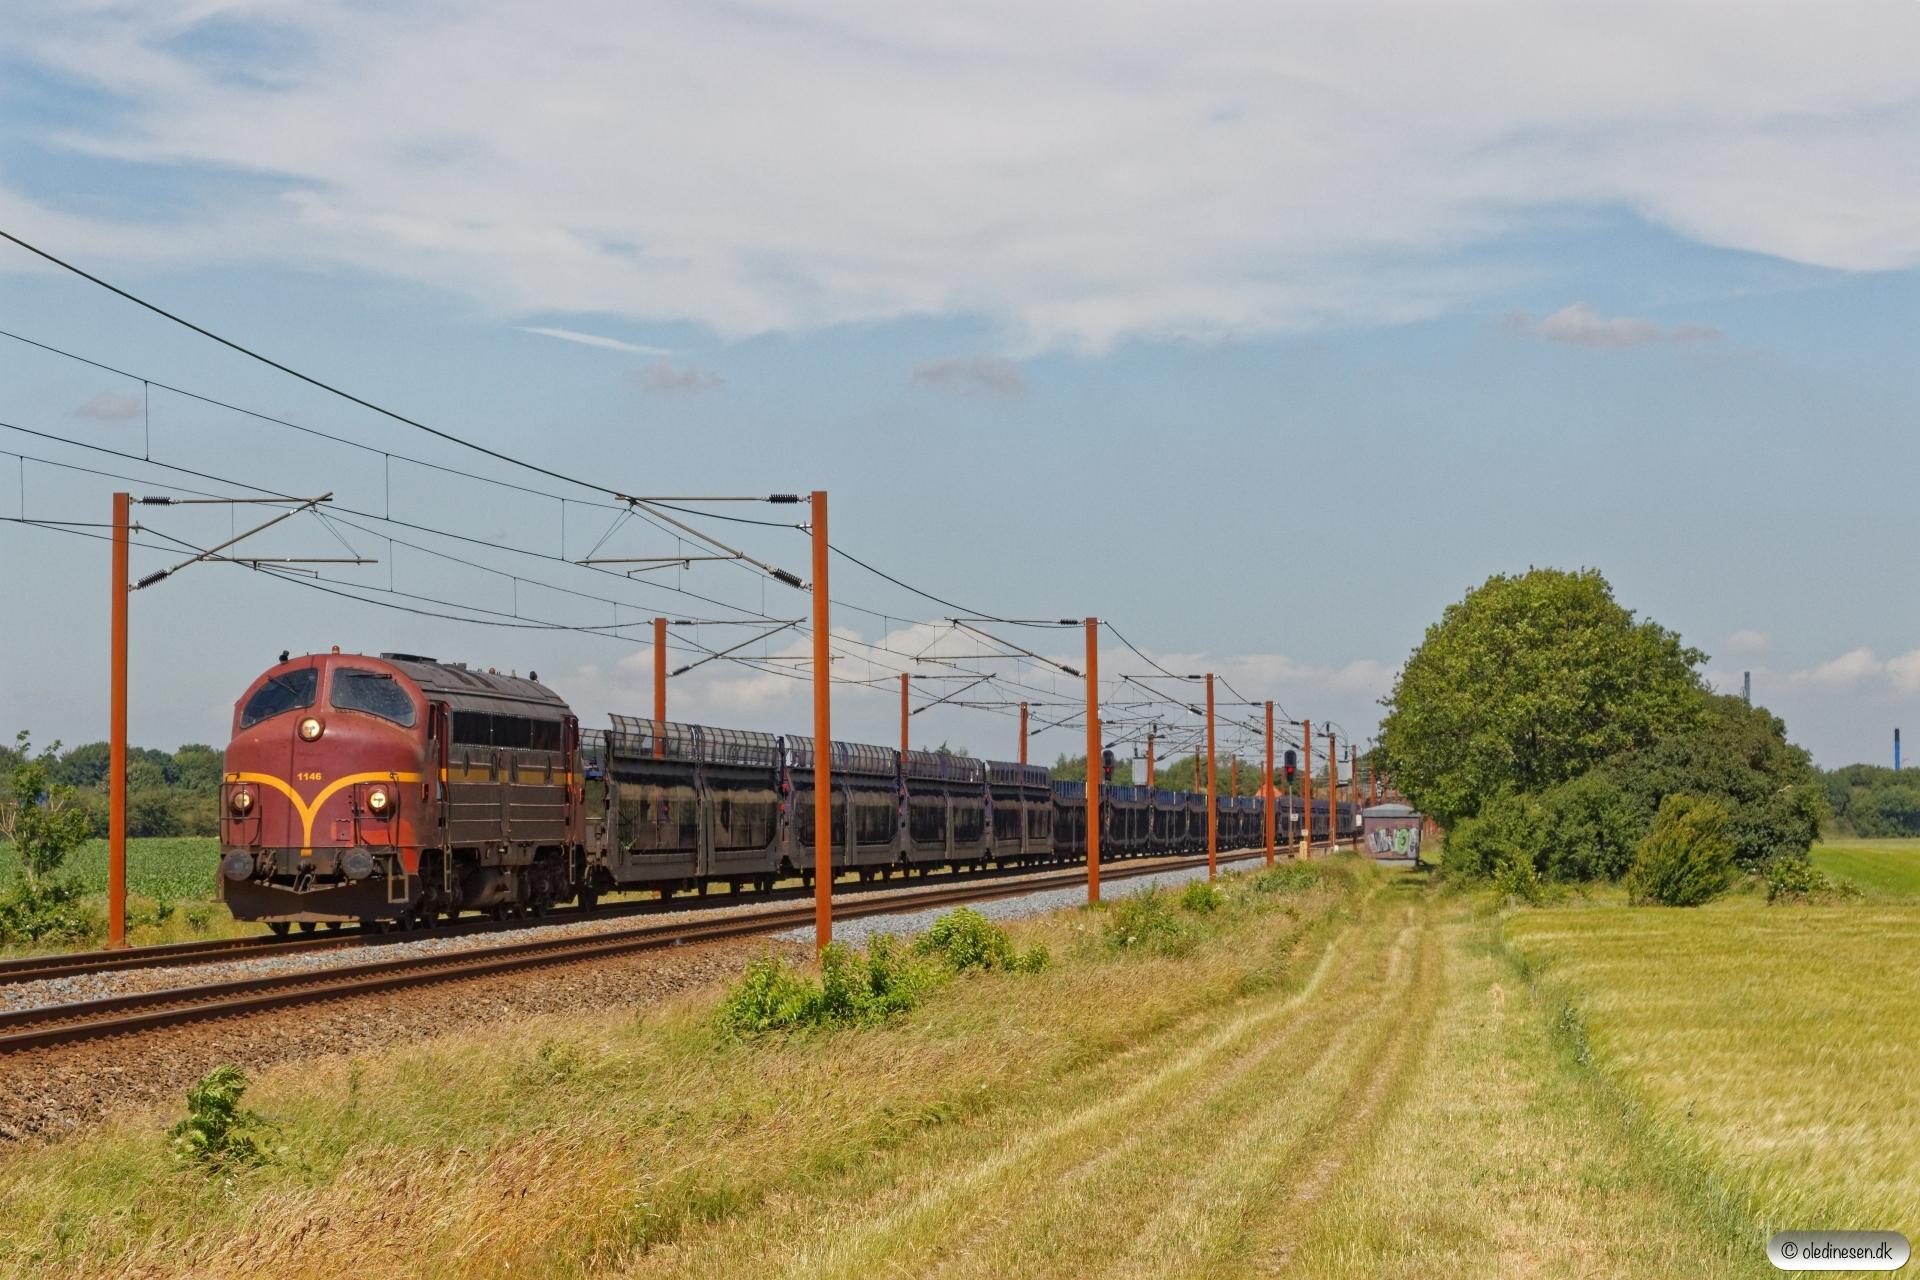 CFLCD MY 1146+21 tomme bilvogne som CF 6811 Vm-Pa. Km 86,2 Fa (Rødekro-Tinglev) 26.06.2019.